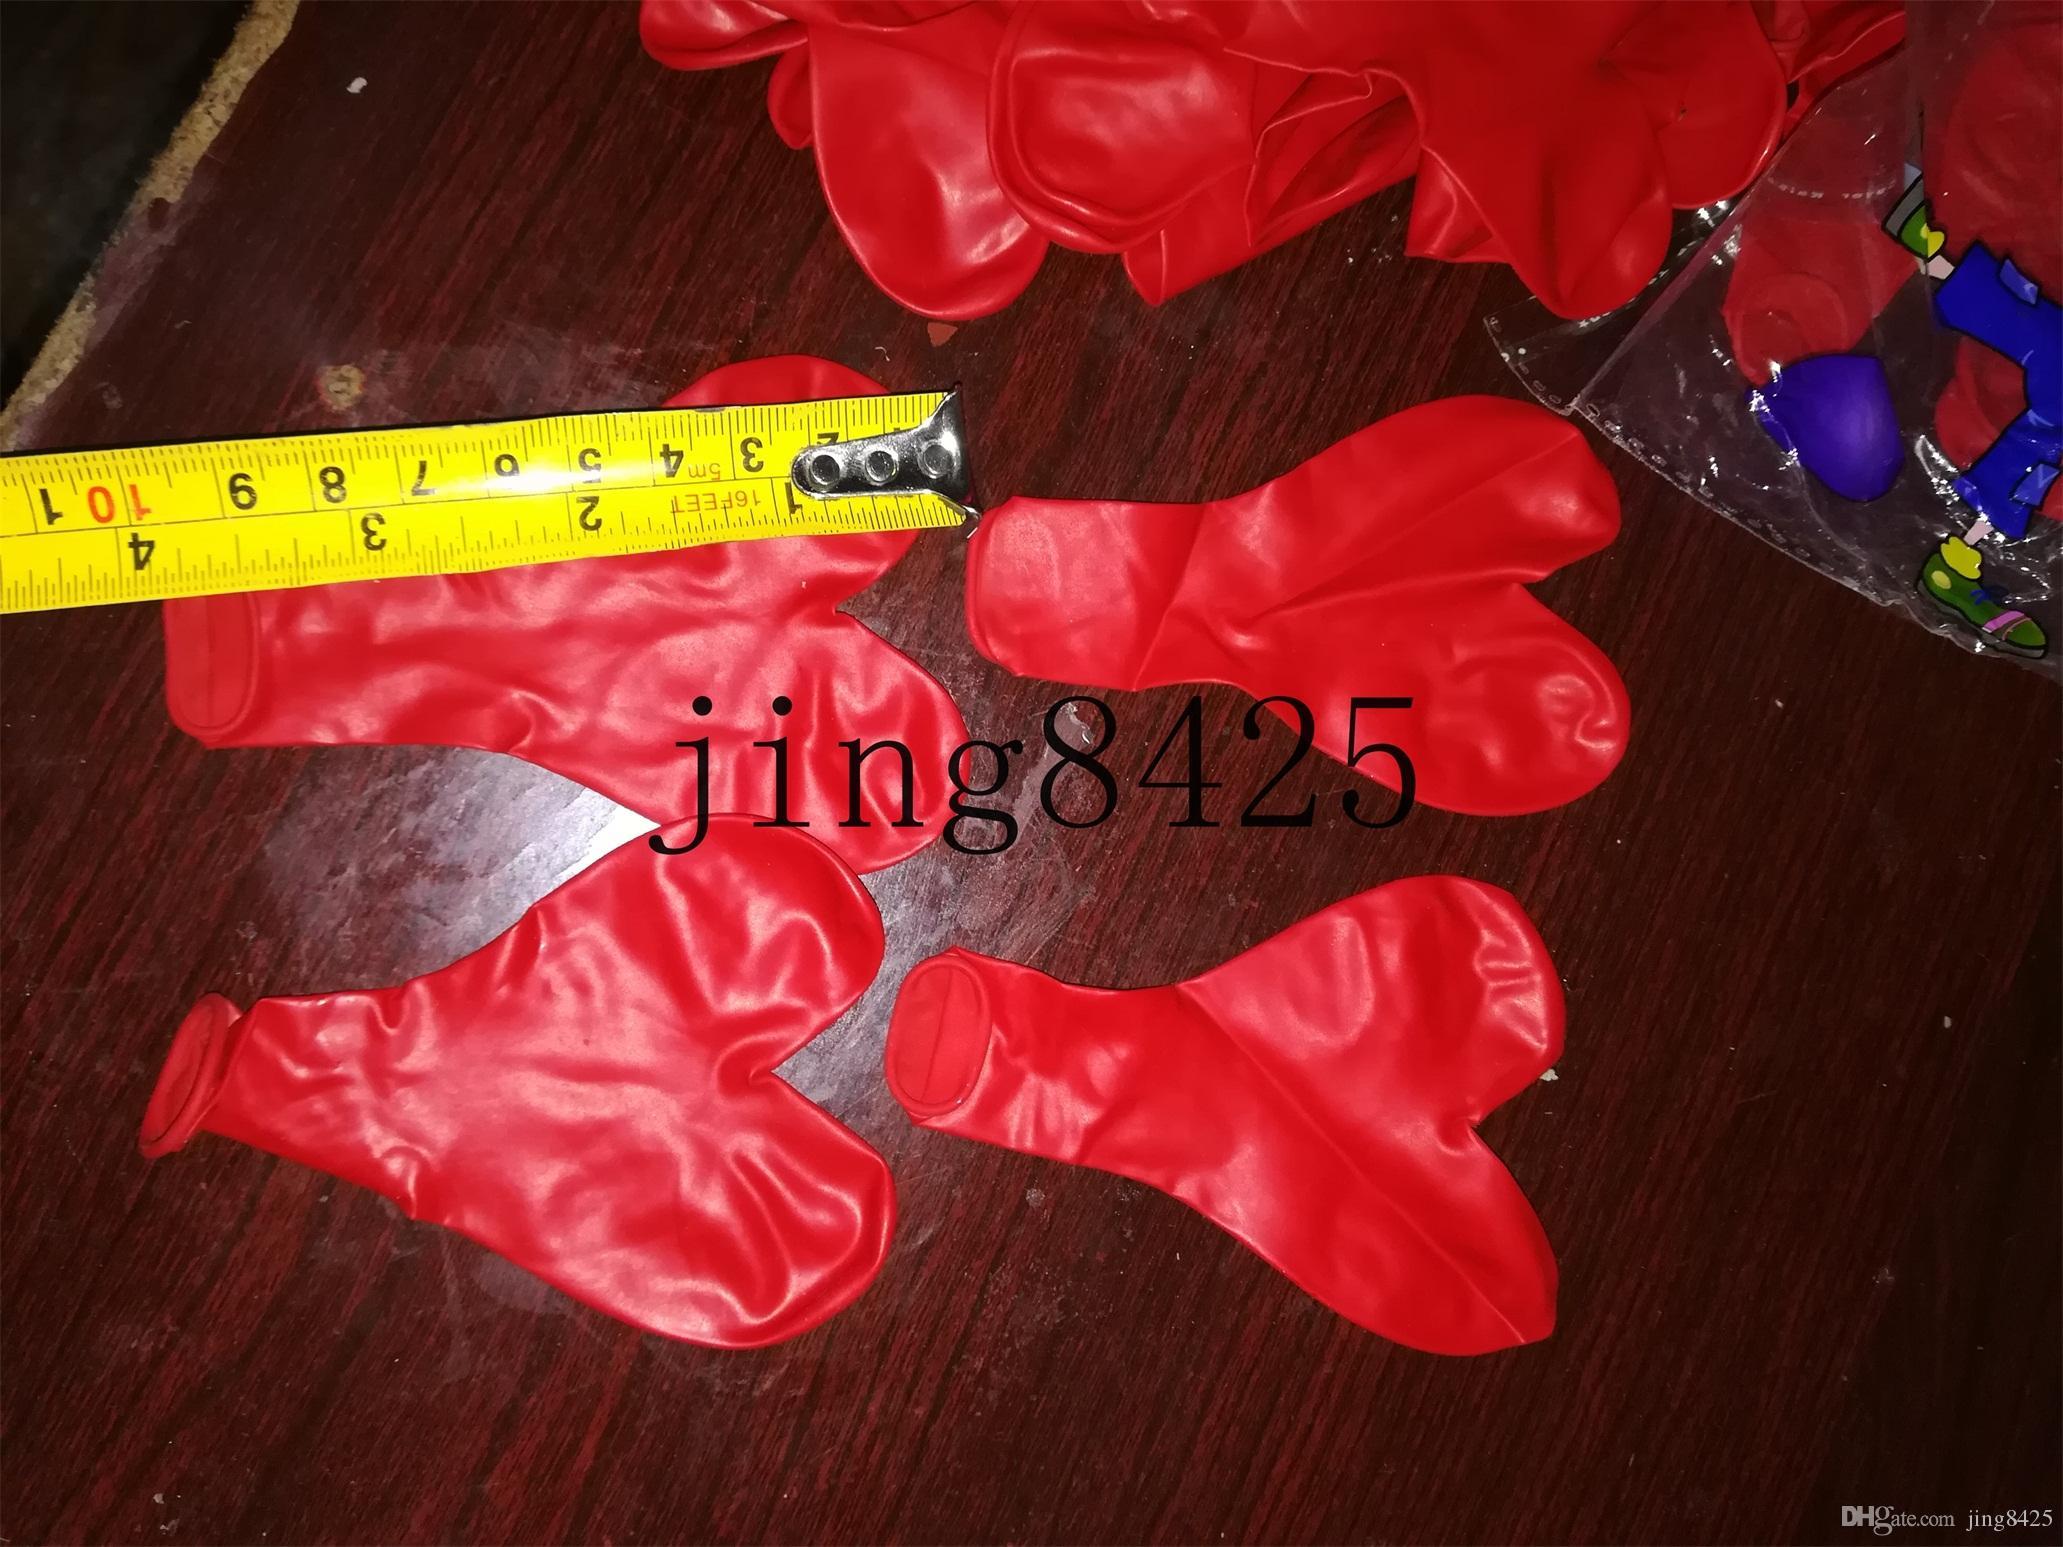 50 pçs / lote 10 polegadas de Abastecimento de Casamento de Aniversário Vermelho Amor Balões de Coração Partido Colorido Balão De Ar De Látex / Ballon Crianças Brinquedo Inflável